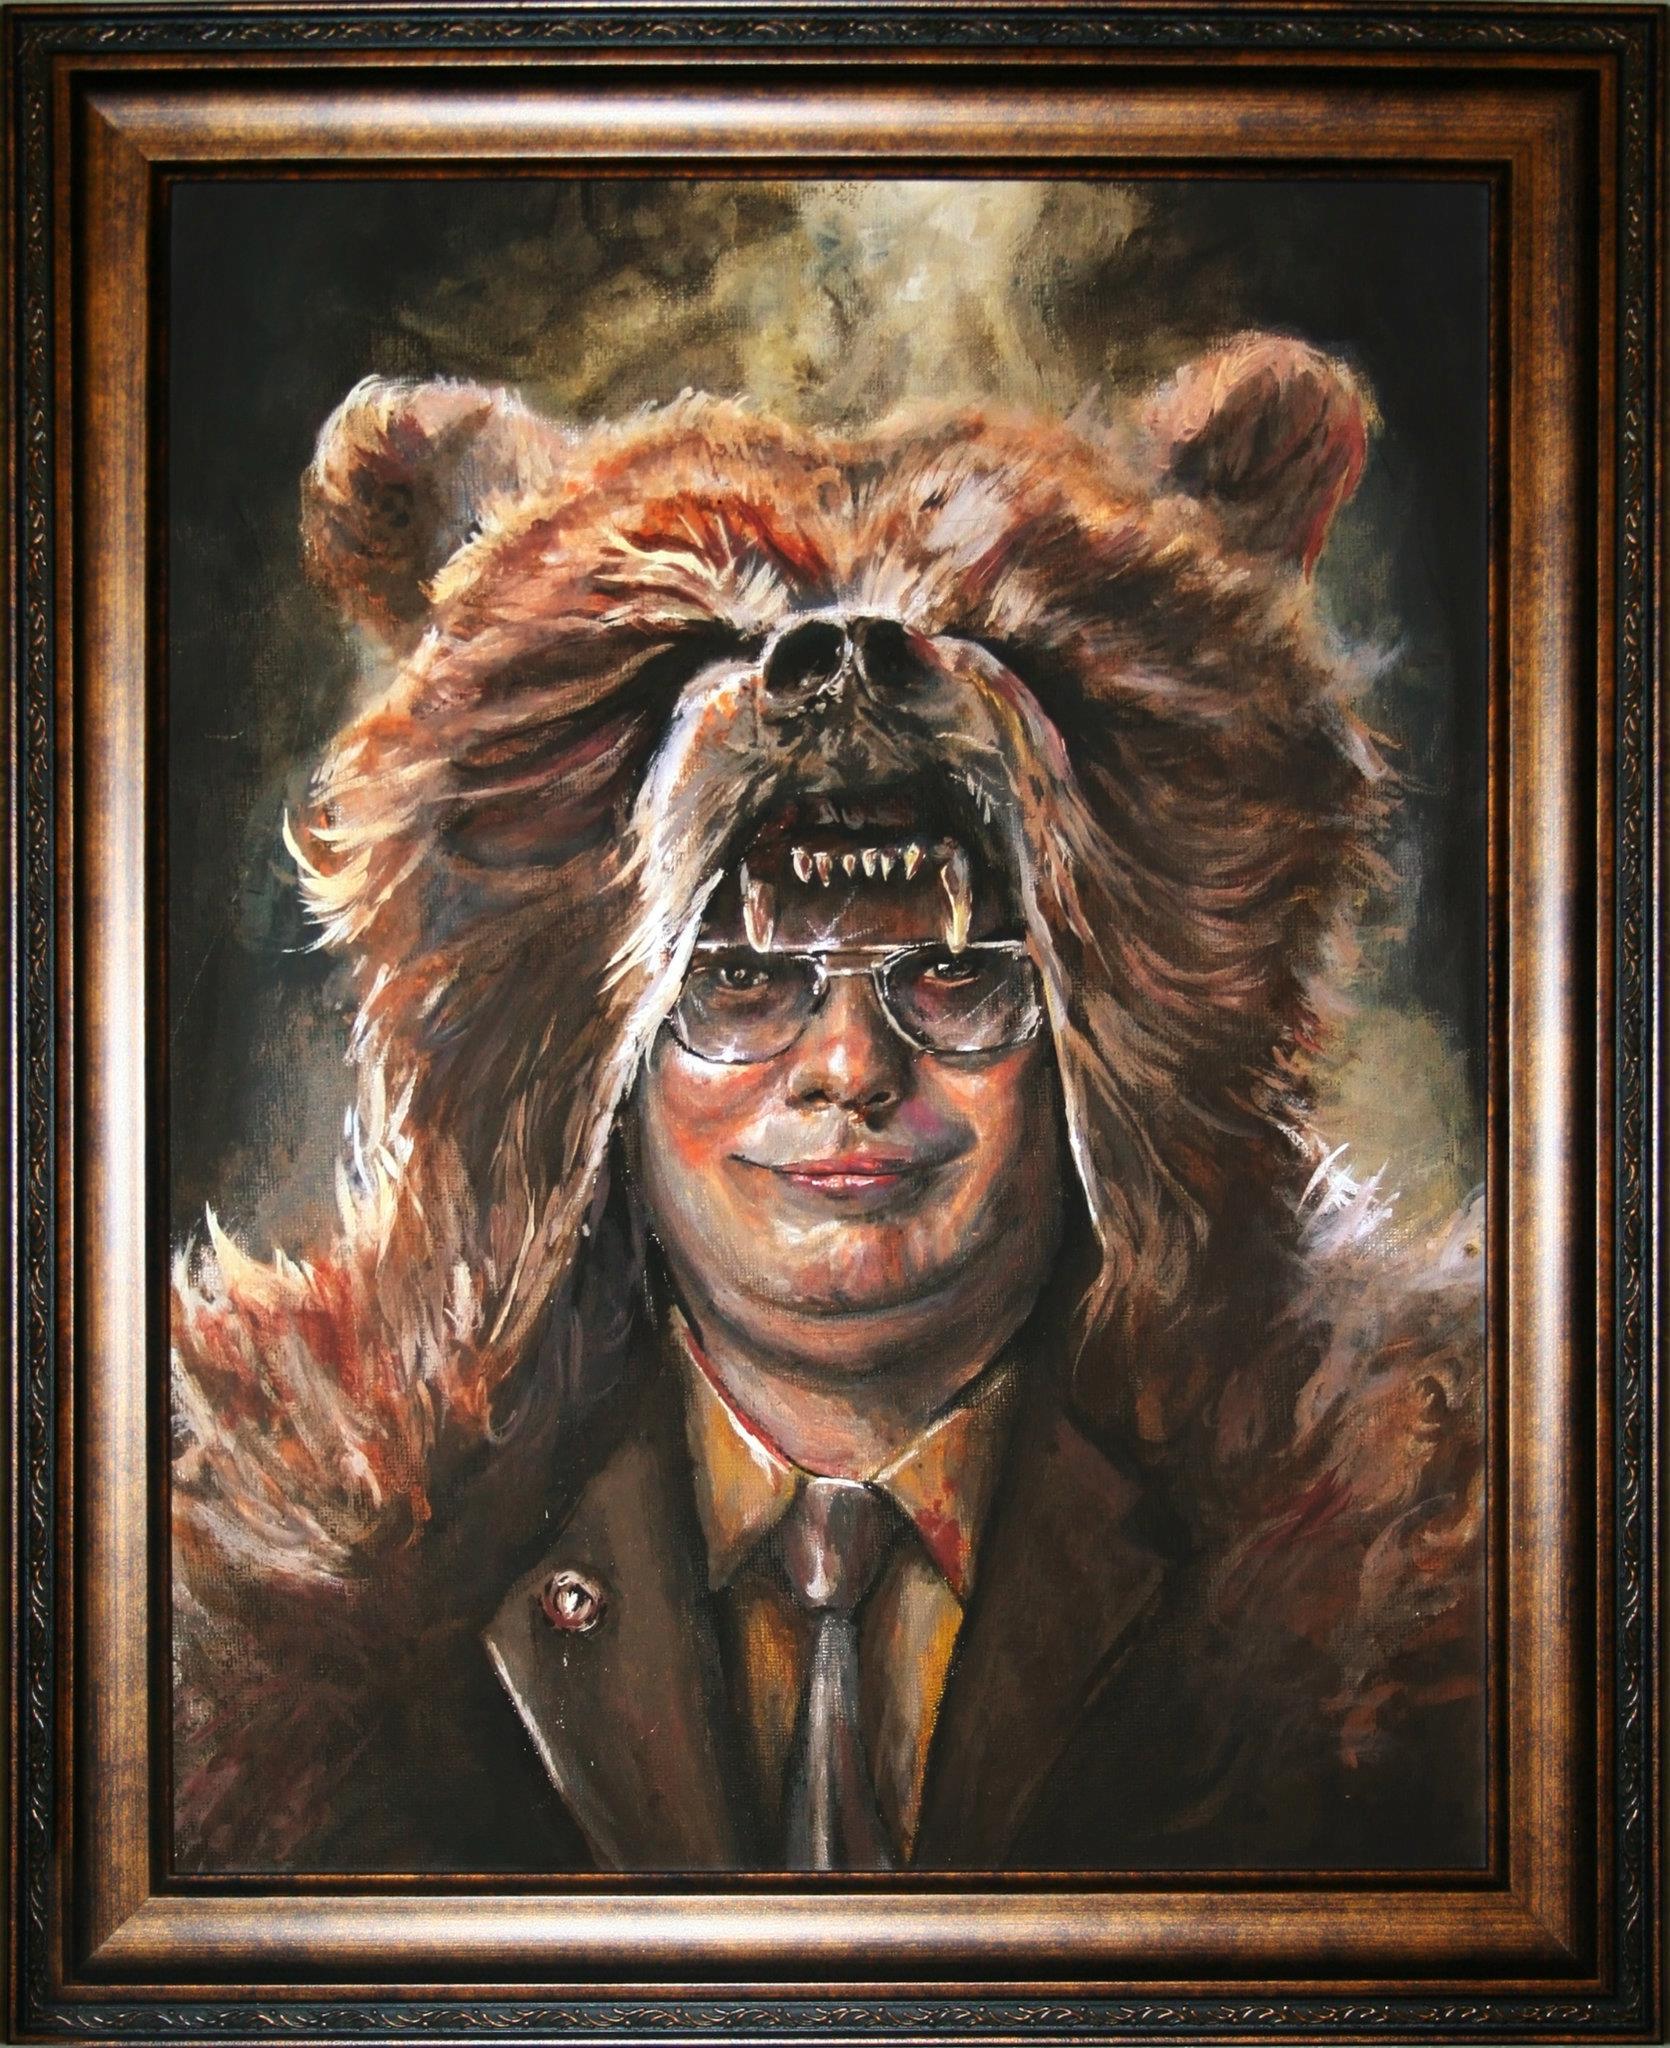 Dwight Schrute Painting Progress 2 by Marczsewski